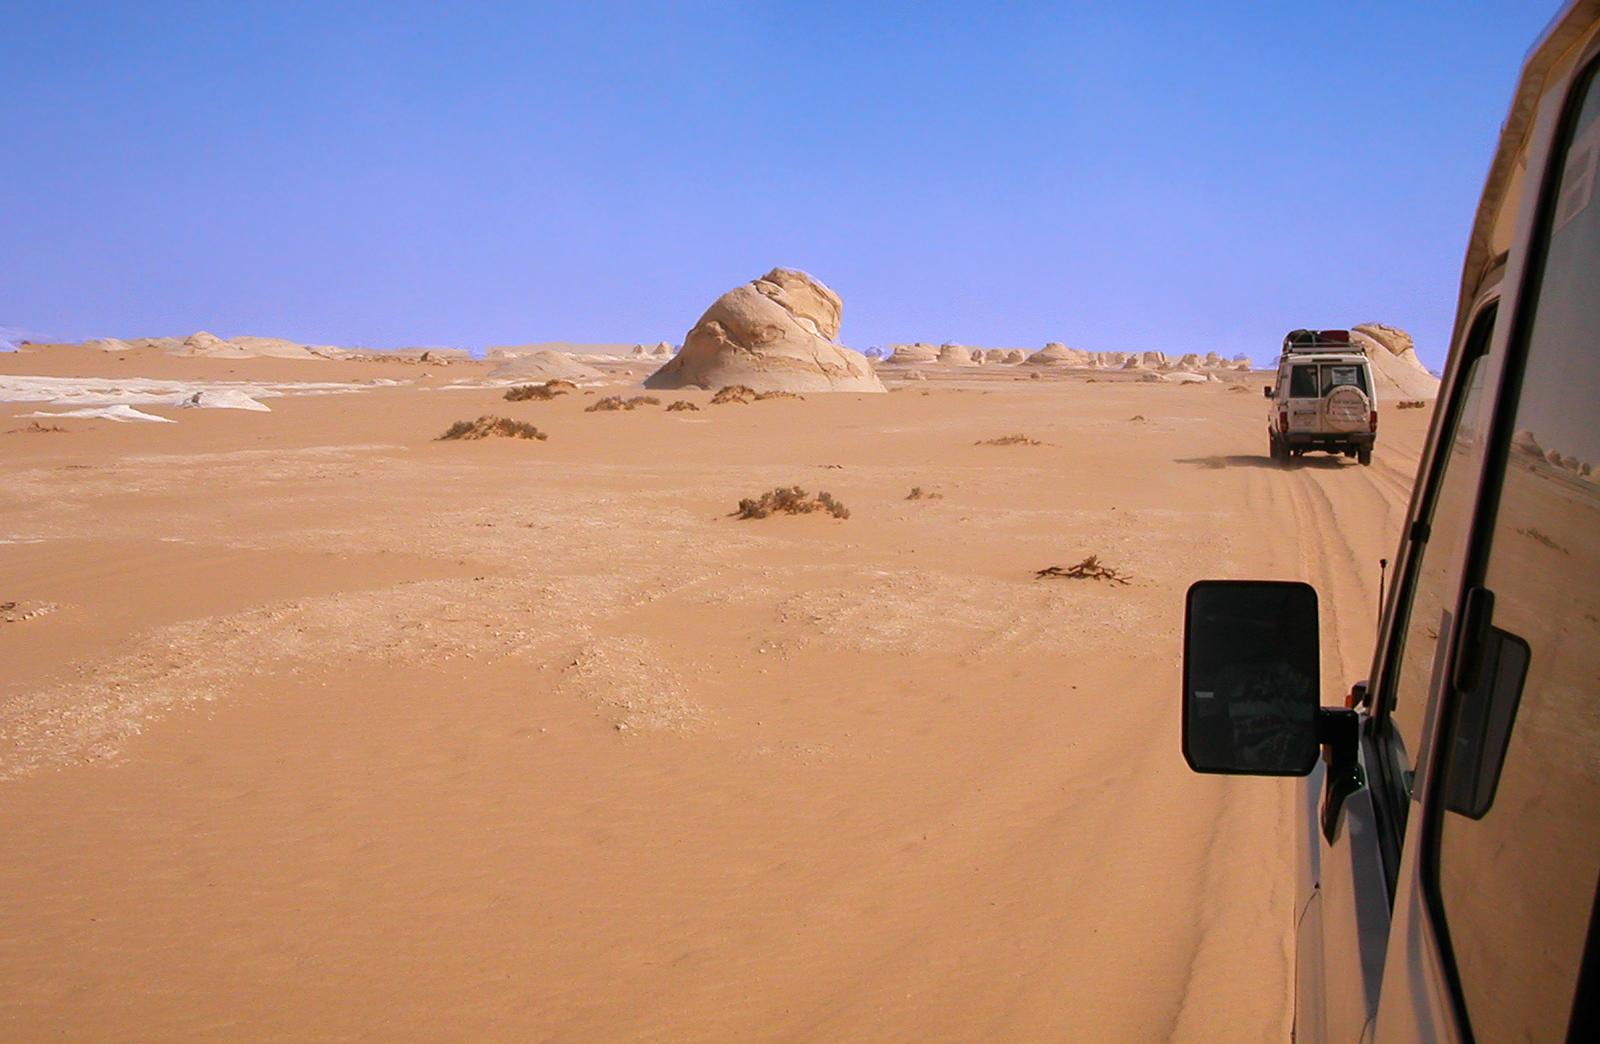 http://viajaegipto.es/wp-content/uploads/2012/09/viaje-safari-desierto-blanco-egipto-4x4.jpg